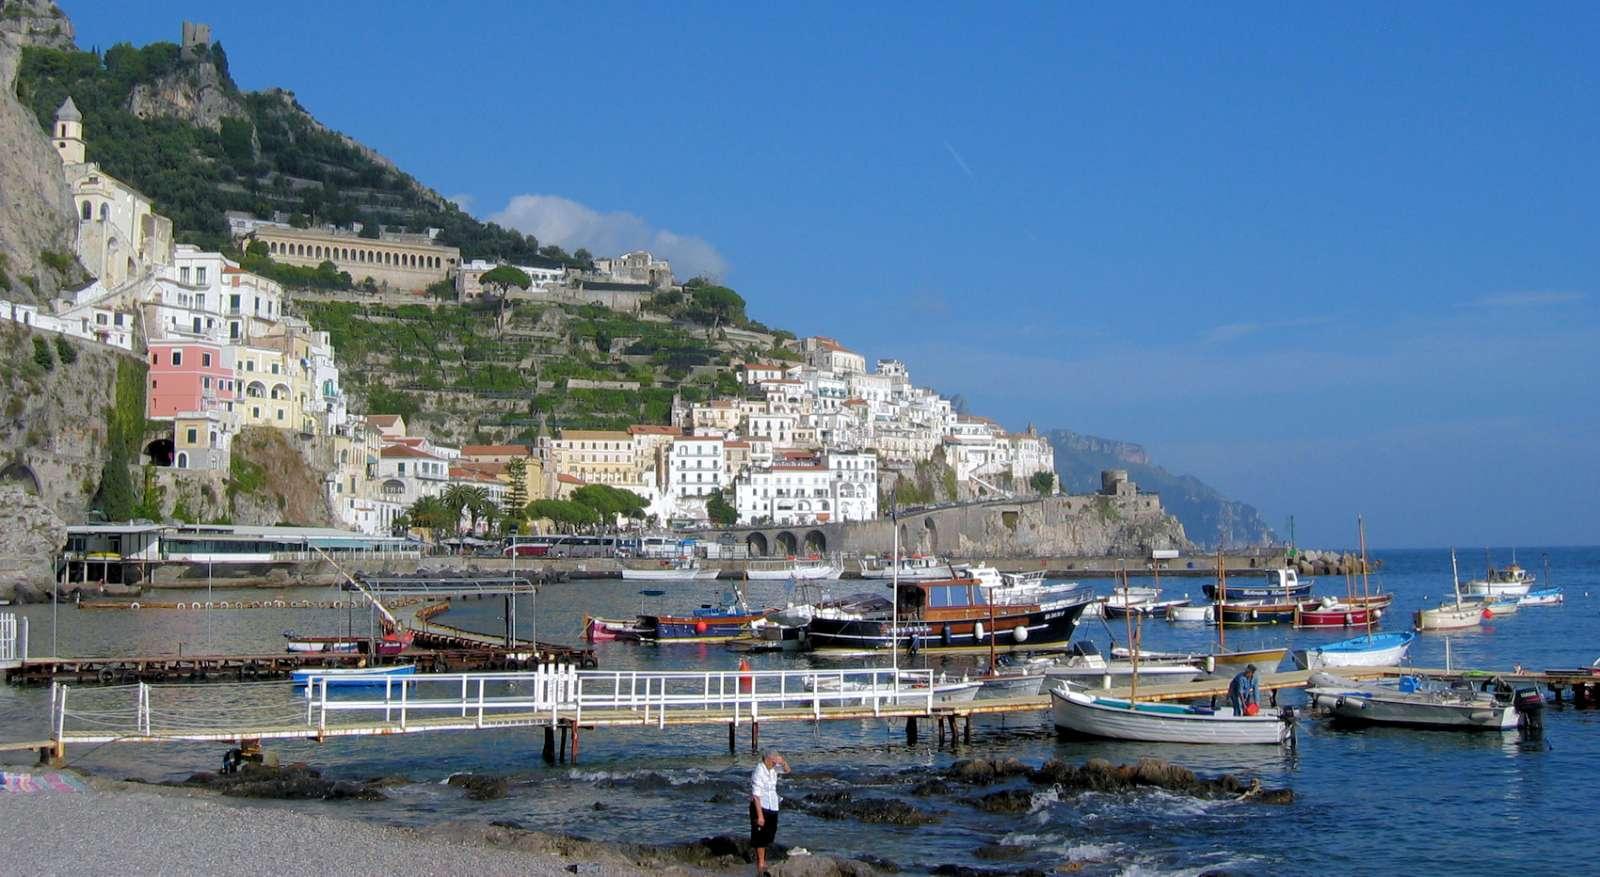 Udsigt over havn, kyst og by